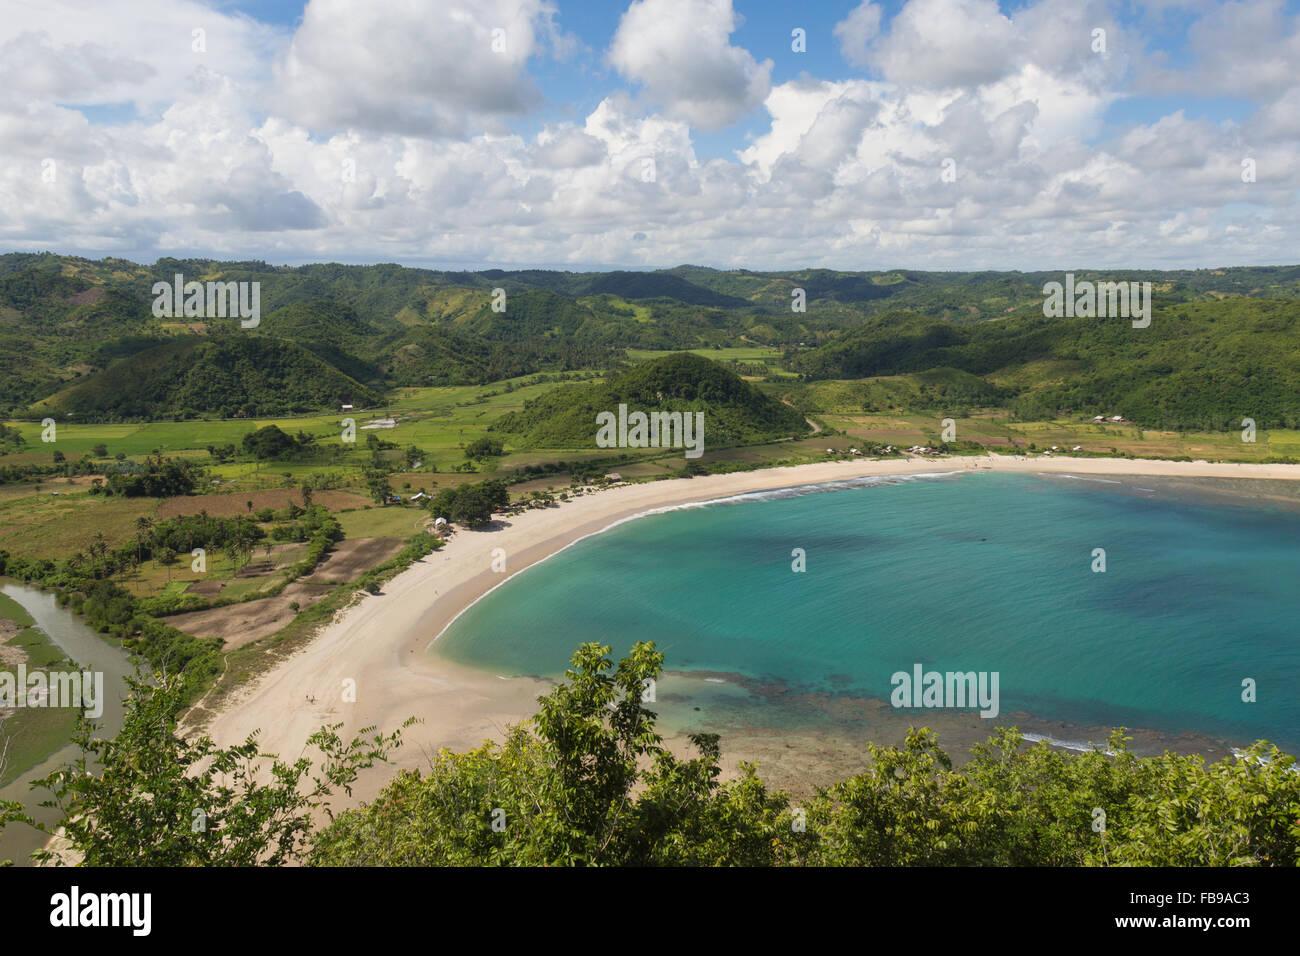 Vue de la plage d'air guling et les collines j'ai lombok en Indonésie Photo Stock